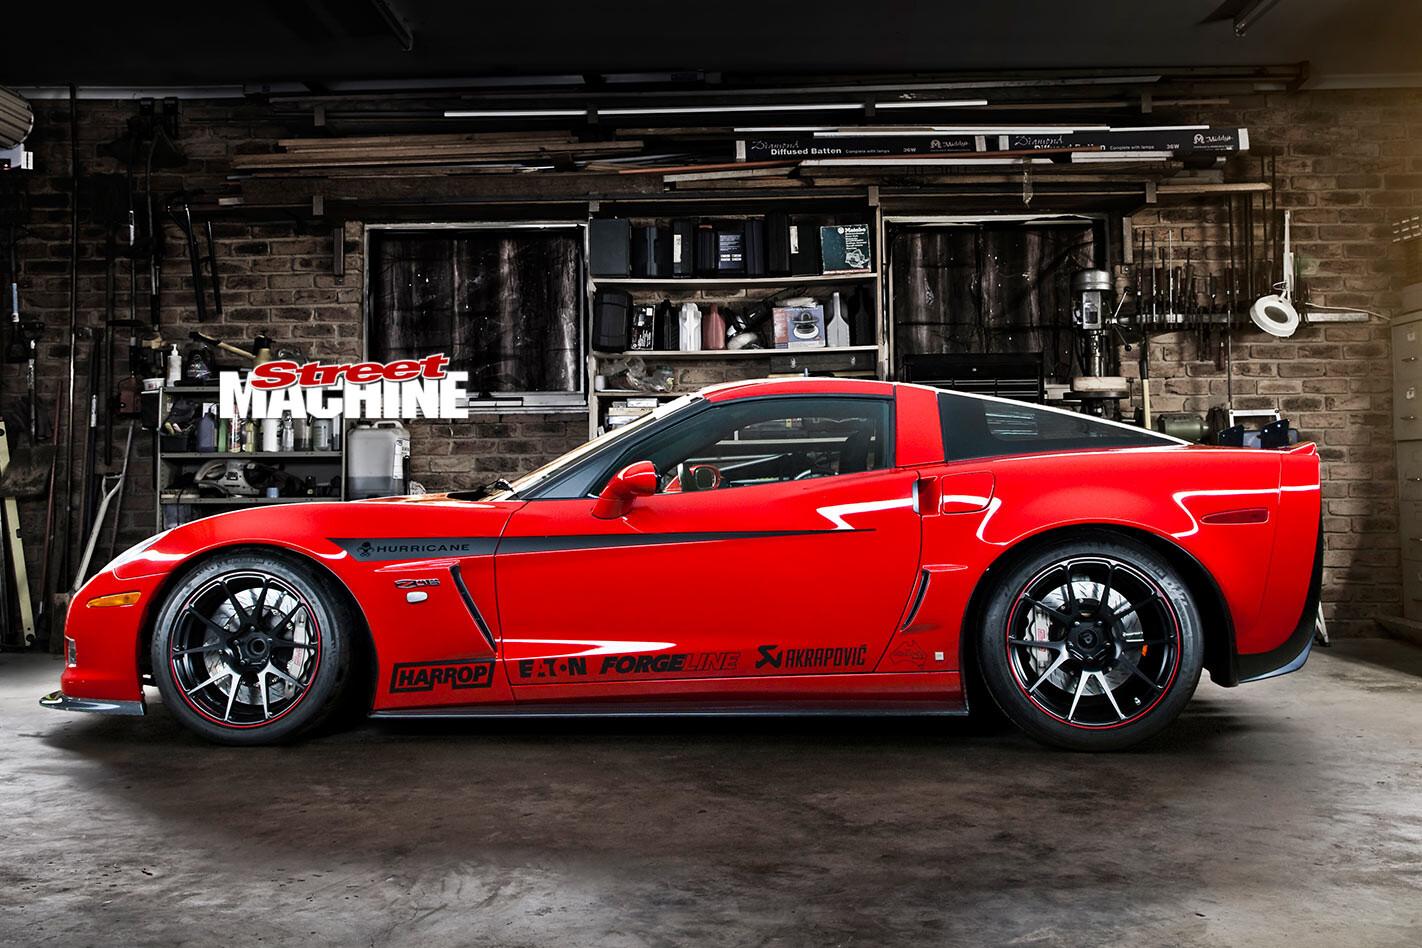 Chevrolet Corvette Z06 side